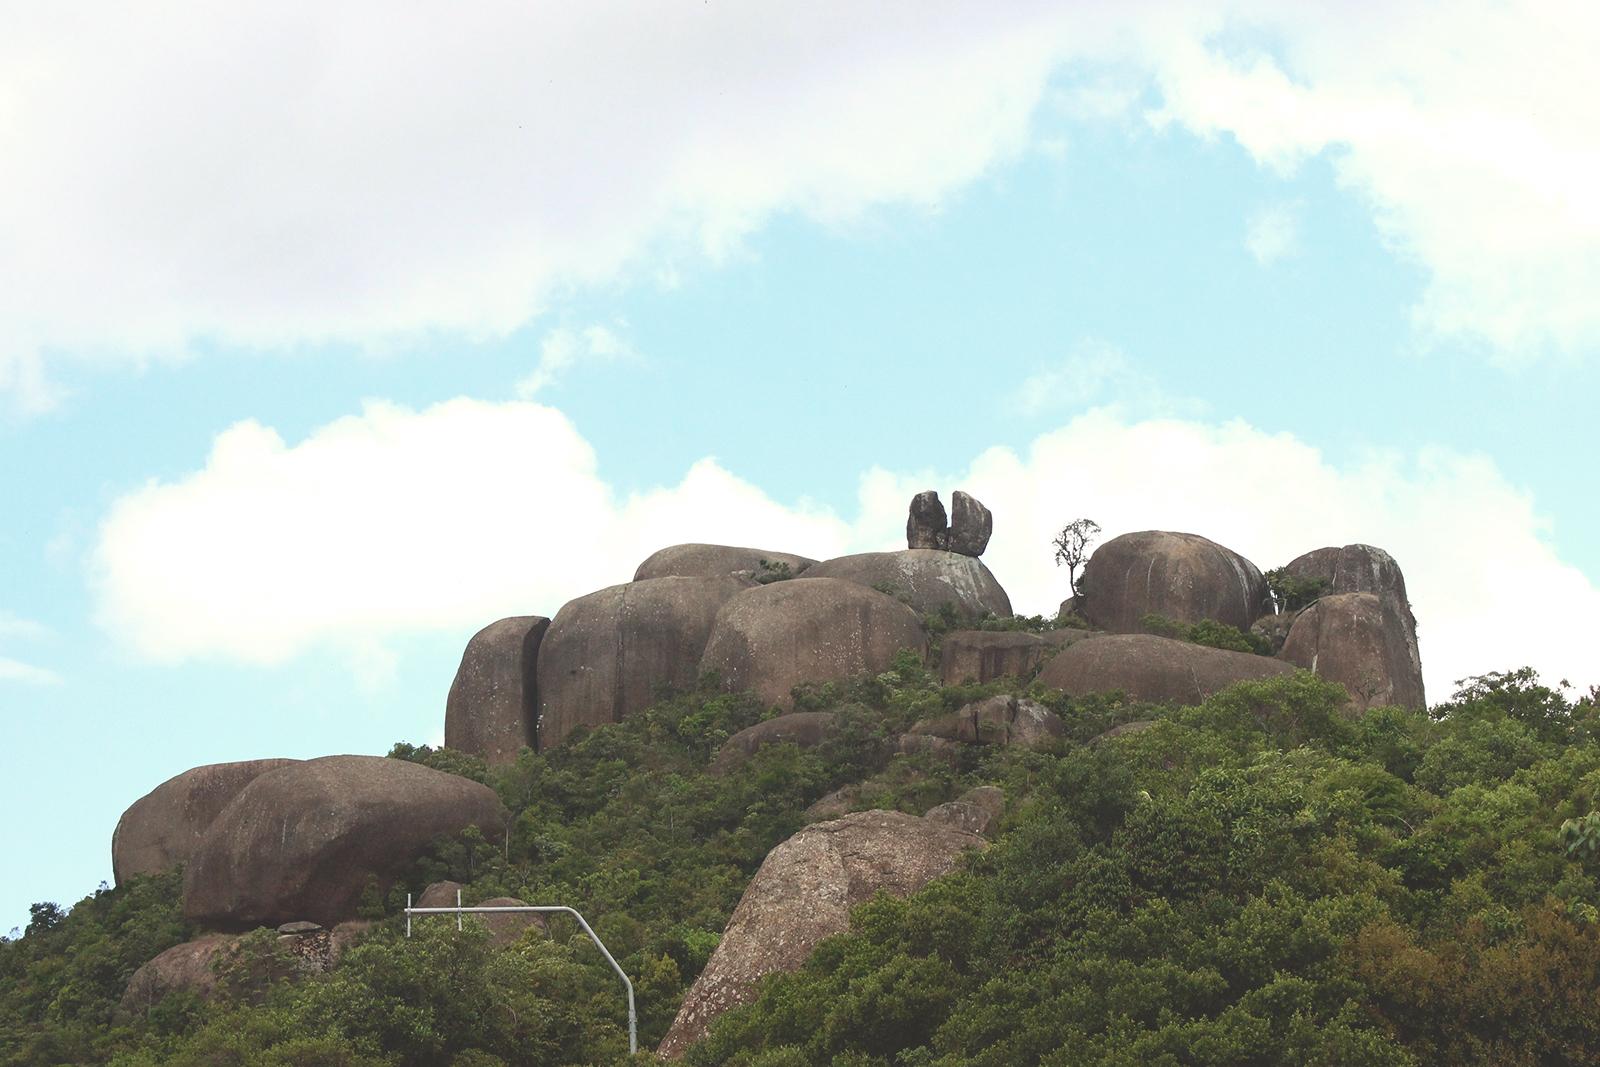 vista pedras empilhadas